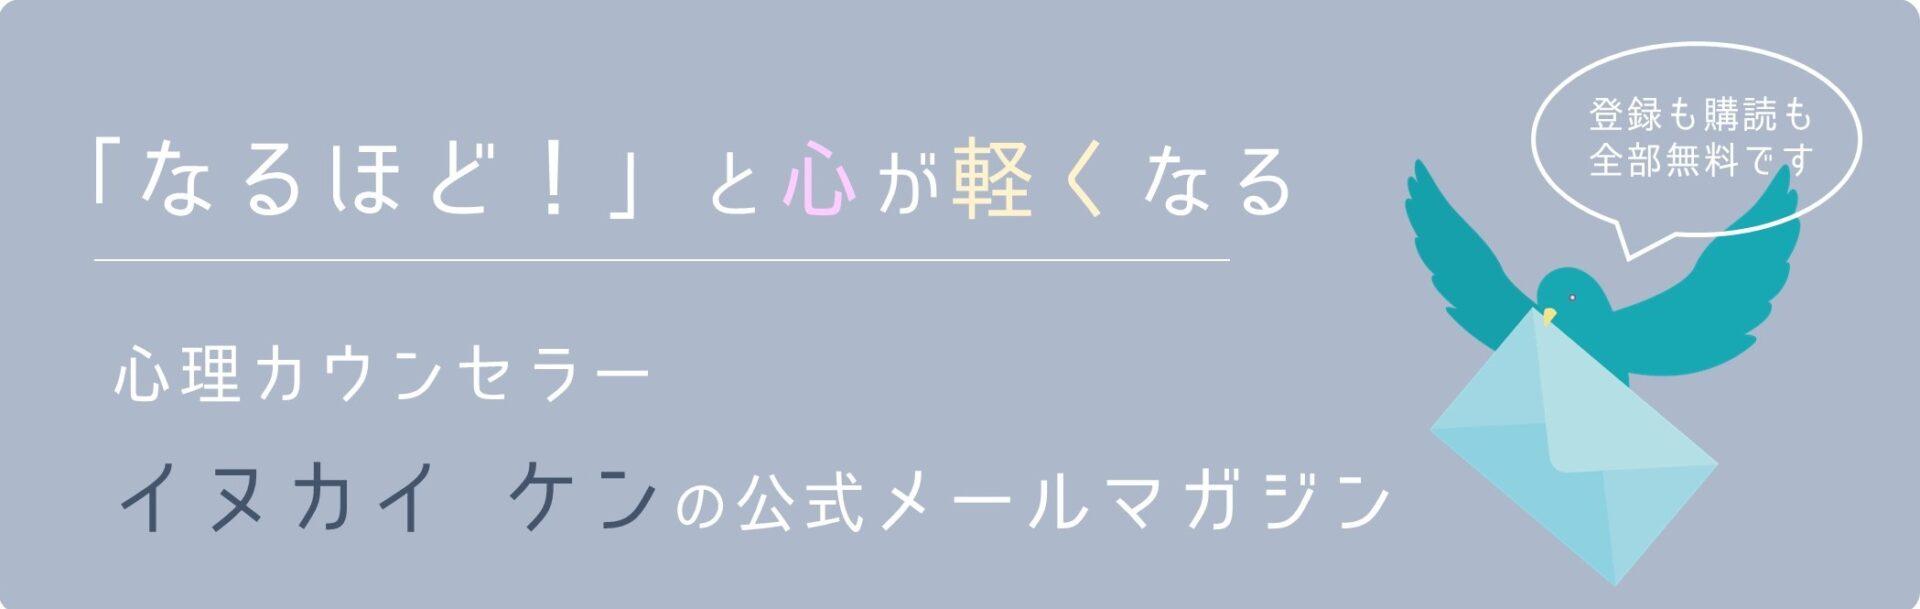 無料メールマガジン『ココロTips!』